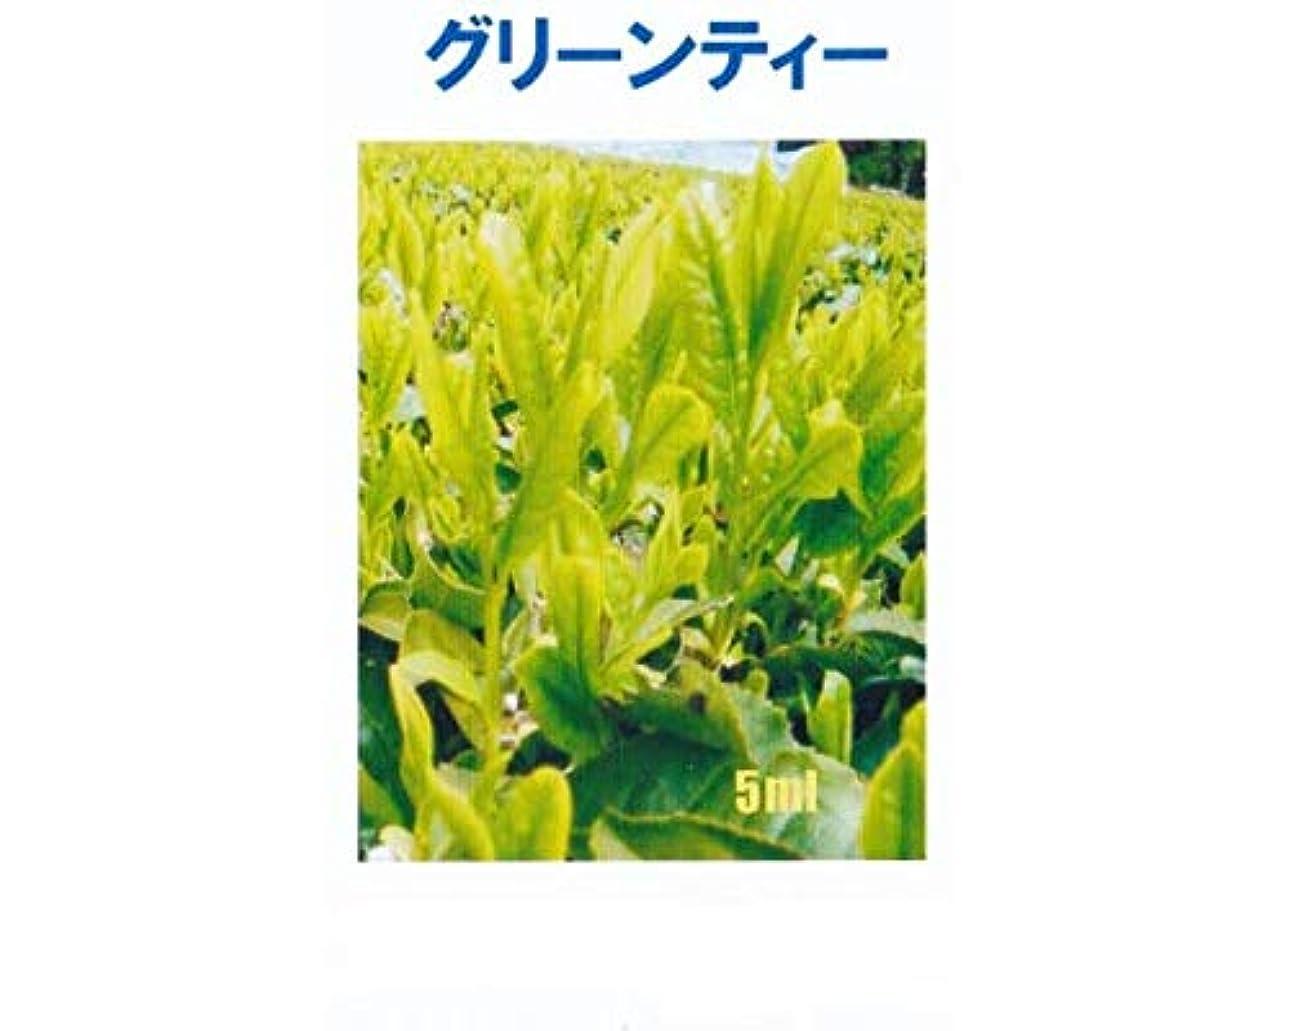 カーペット対抗クマノミアロマオイル グリーンティー 5ml エッセンシャルオイル 100%天然成分